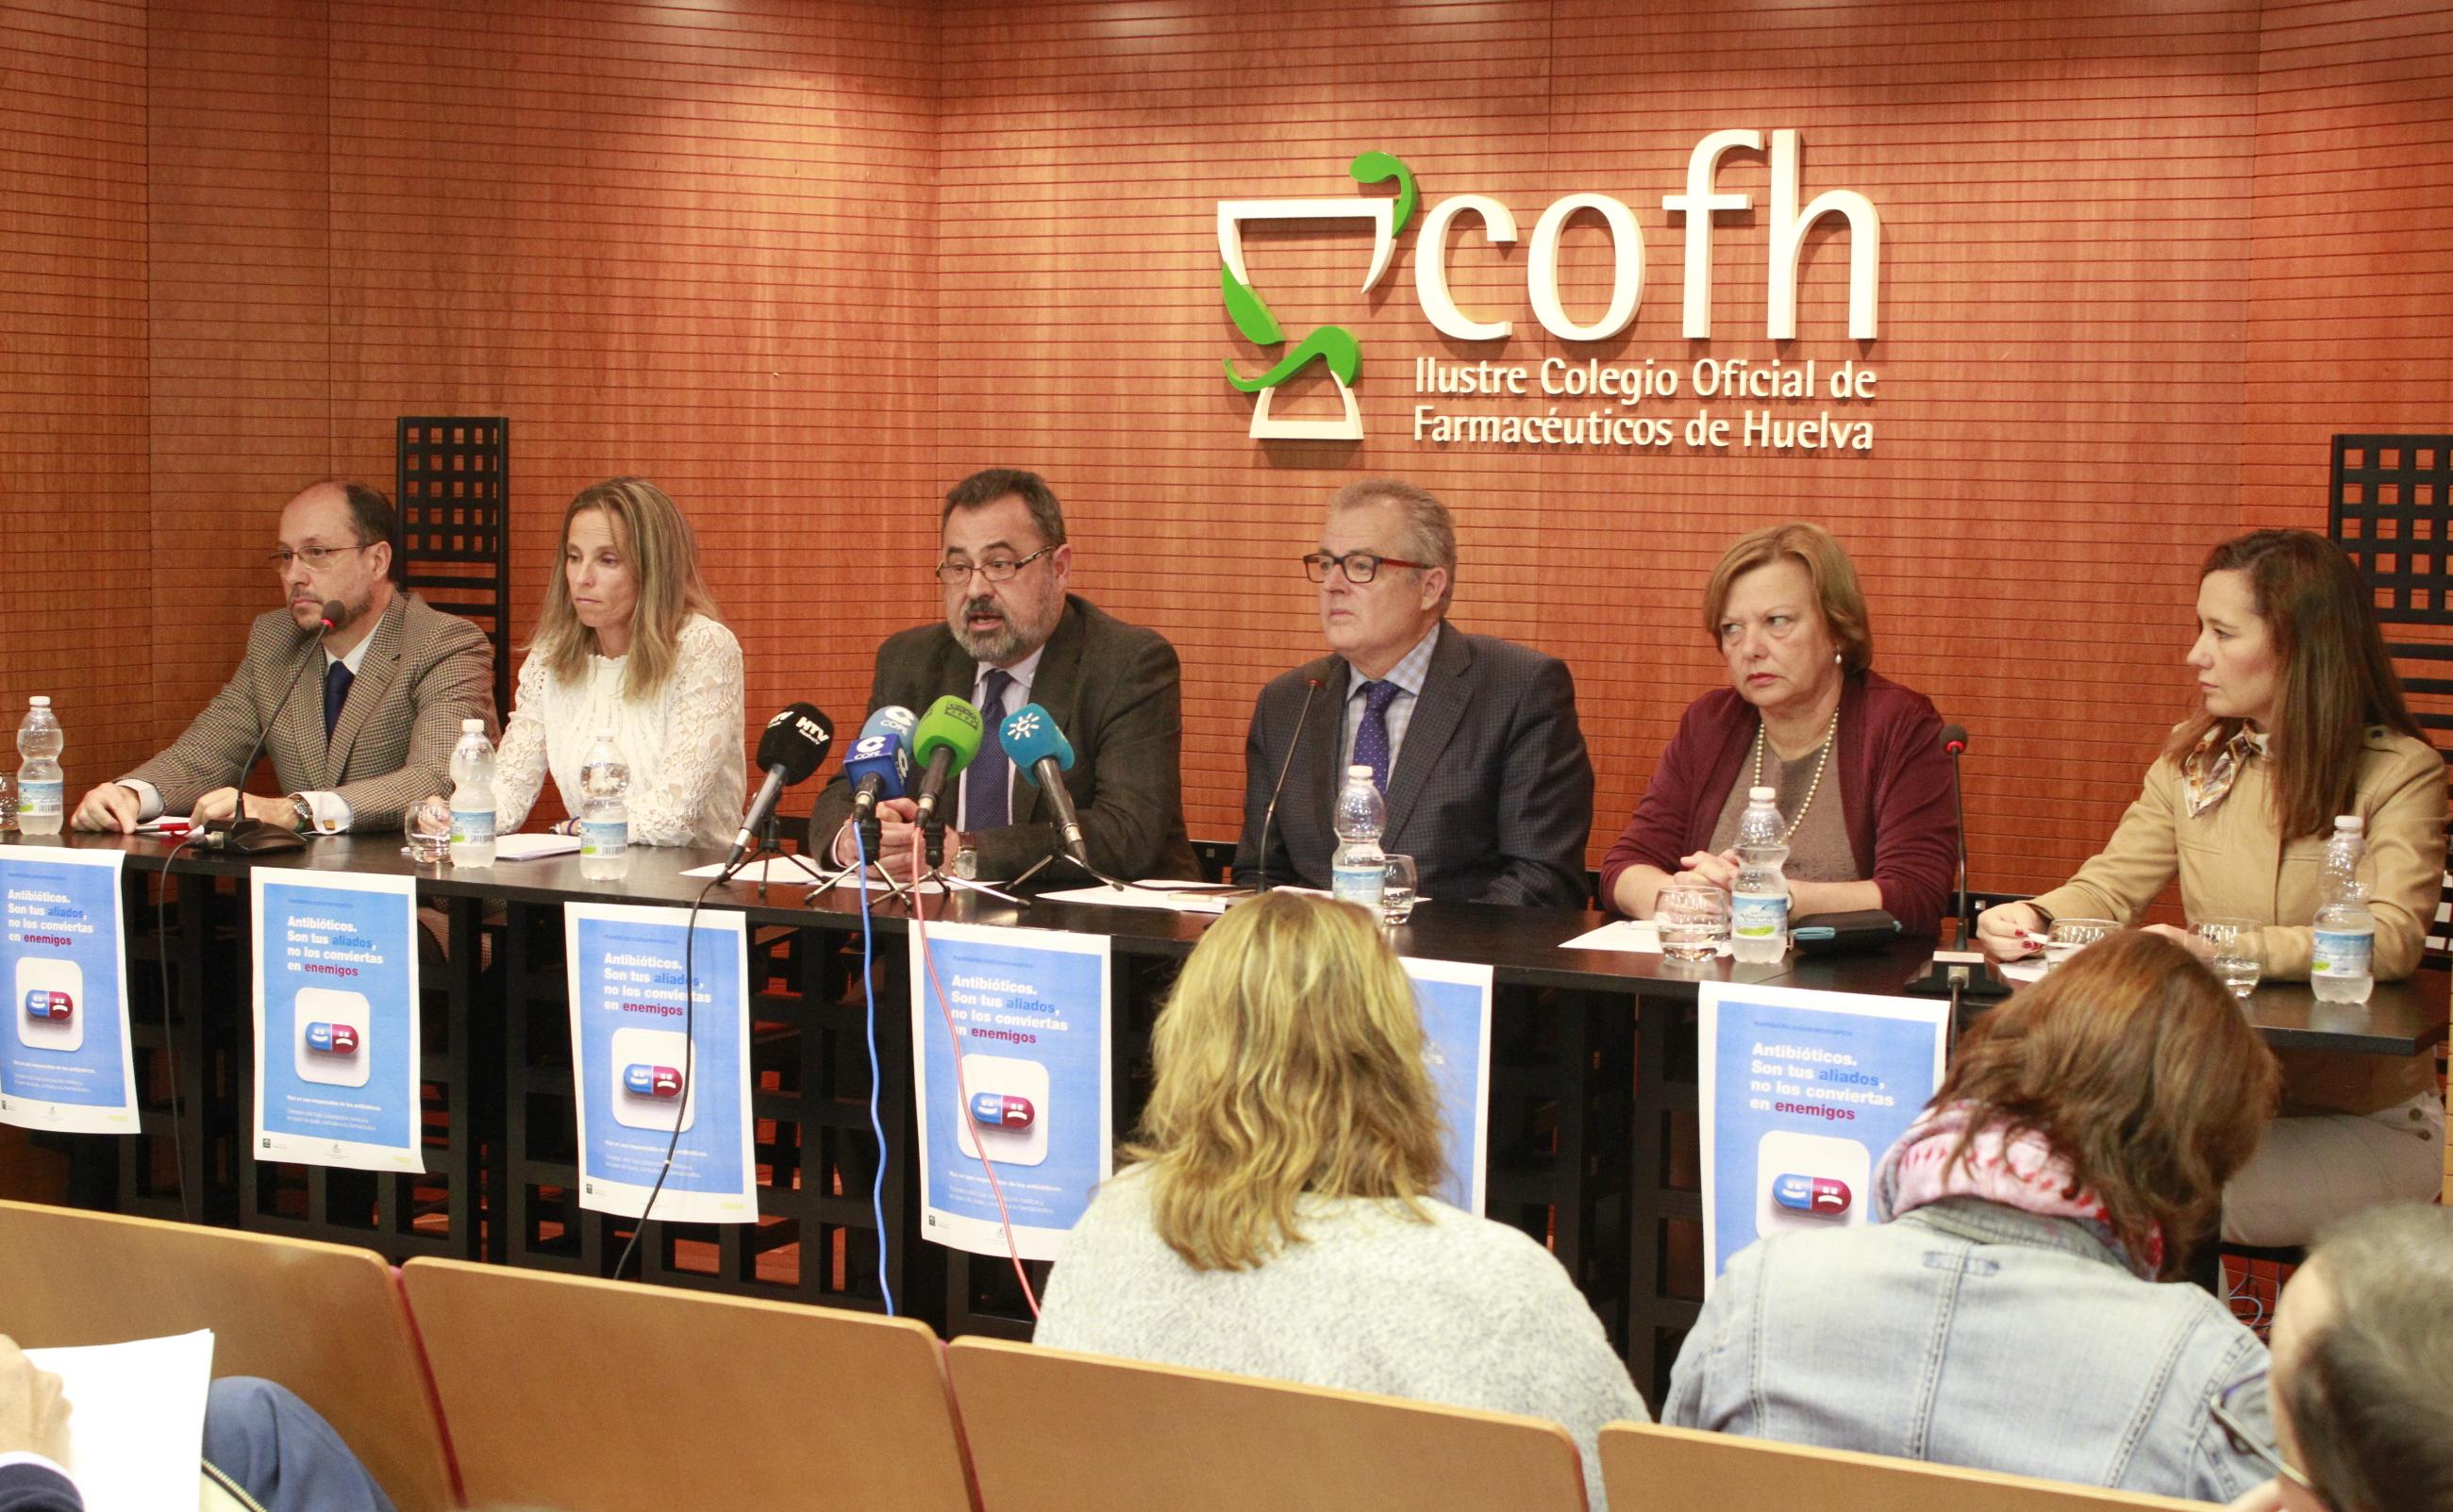 Las farmacias onubenses concienciarán sobre el correcto uso de antibióticos para evitar la aparición de resistencias bacterianas